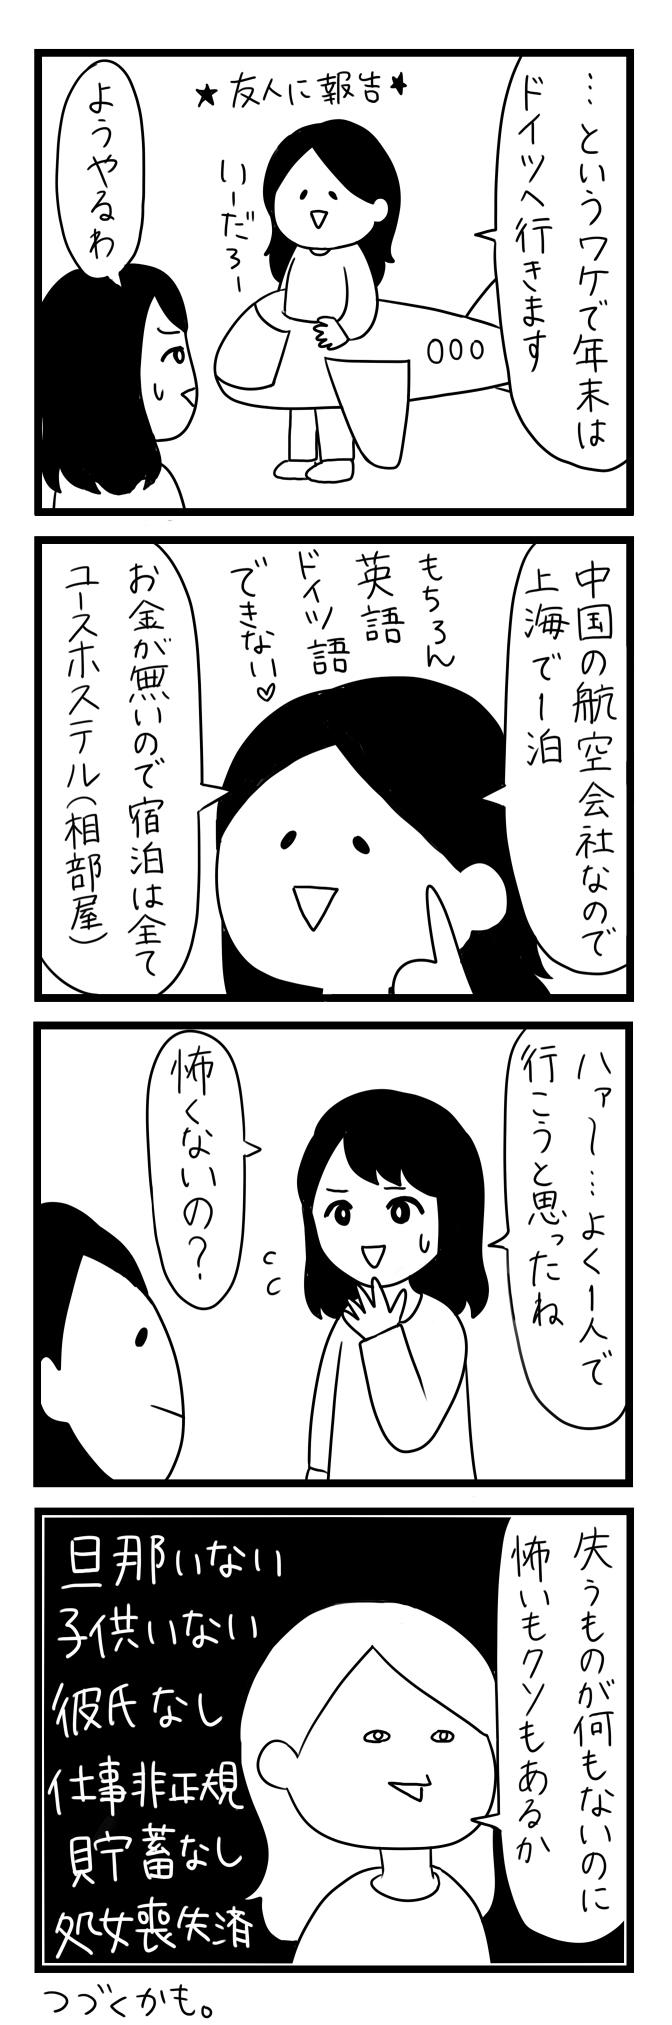 【4コマ漫画】第10回「ビクトリアな日々」作:ビクトリアブラディーヌ